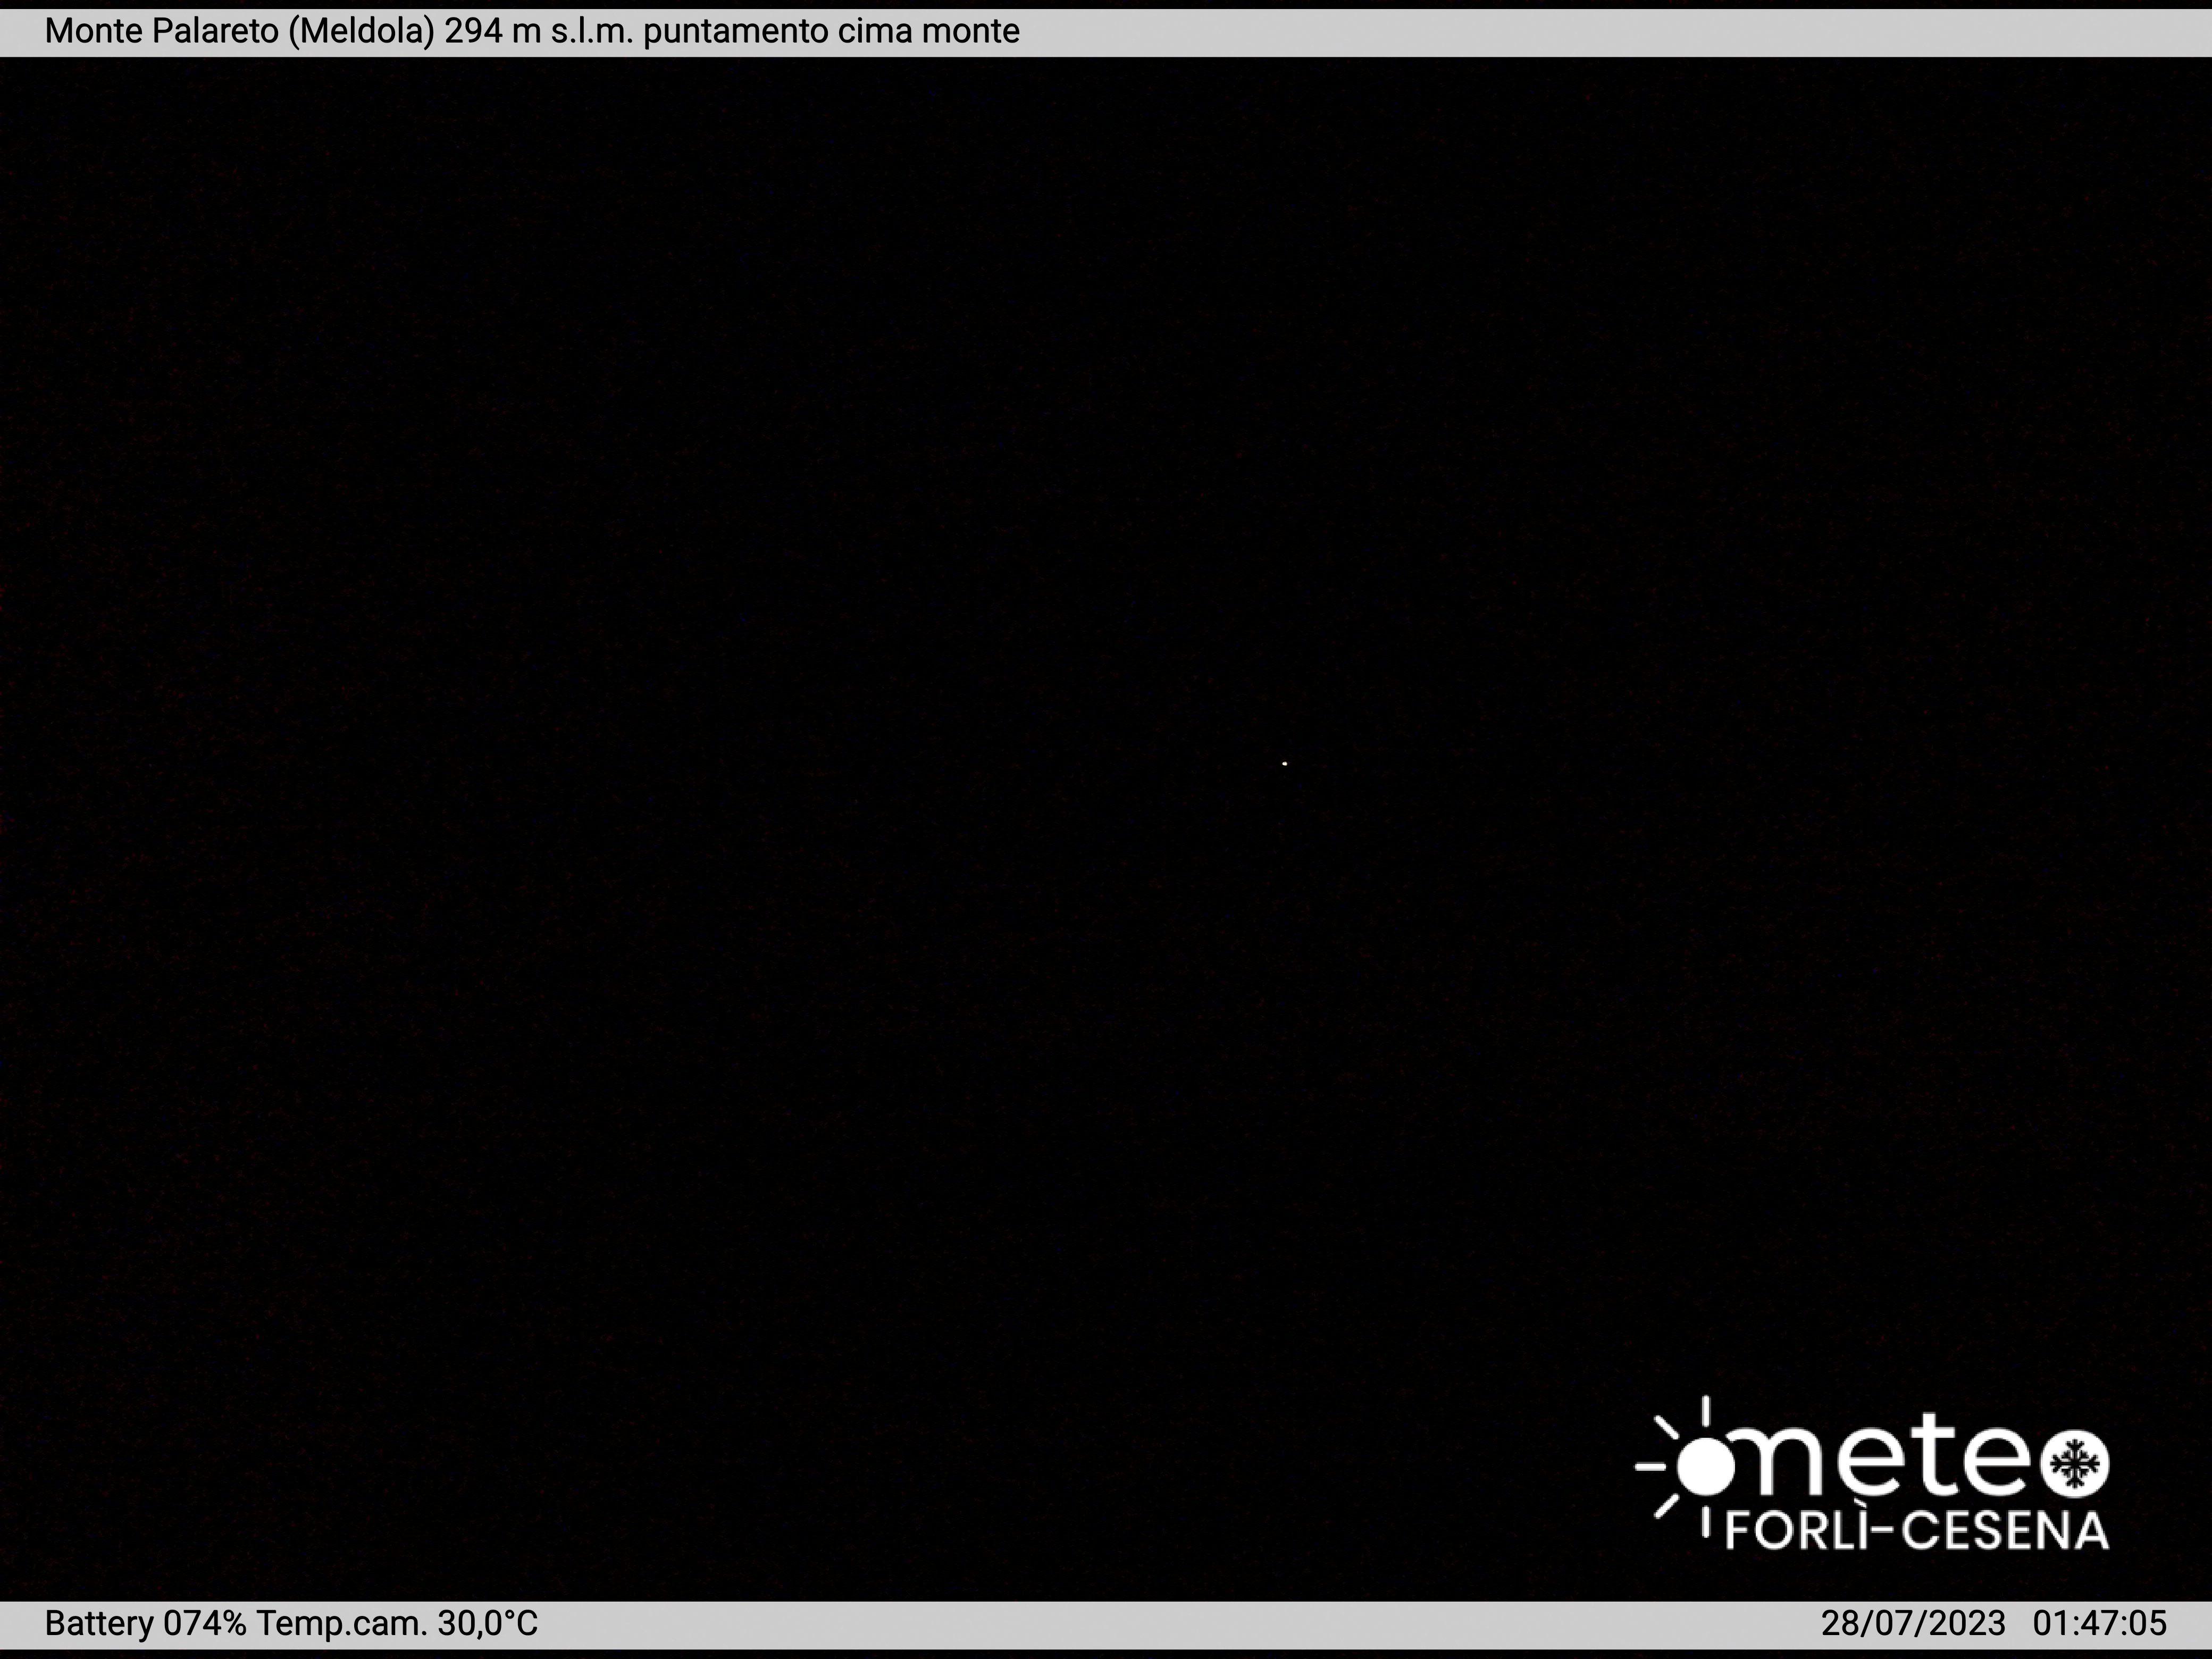 Webcam Meldola - Webcam Meteo » ILMETEO.it